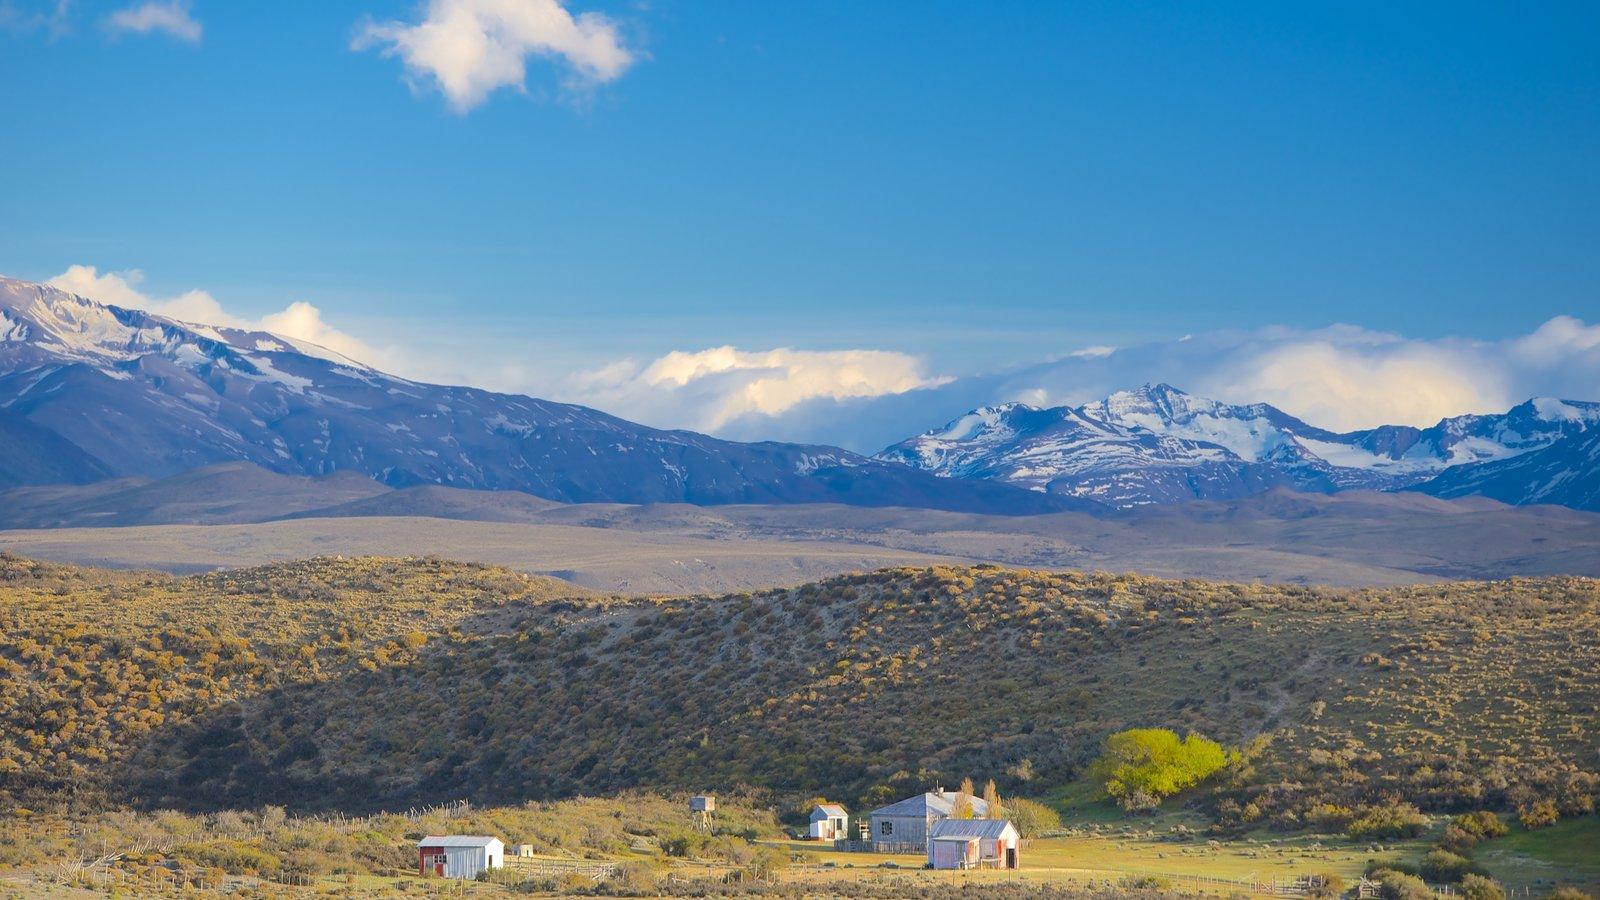 Torres Del Paine caracterizando paisagem e cenas tranquilas